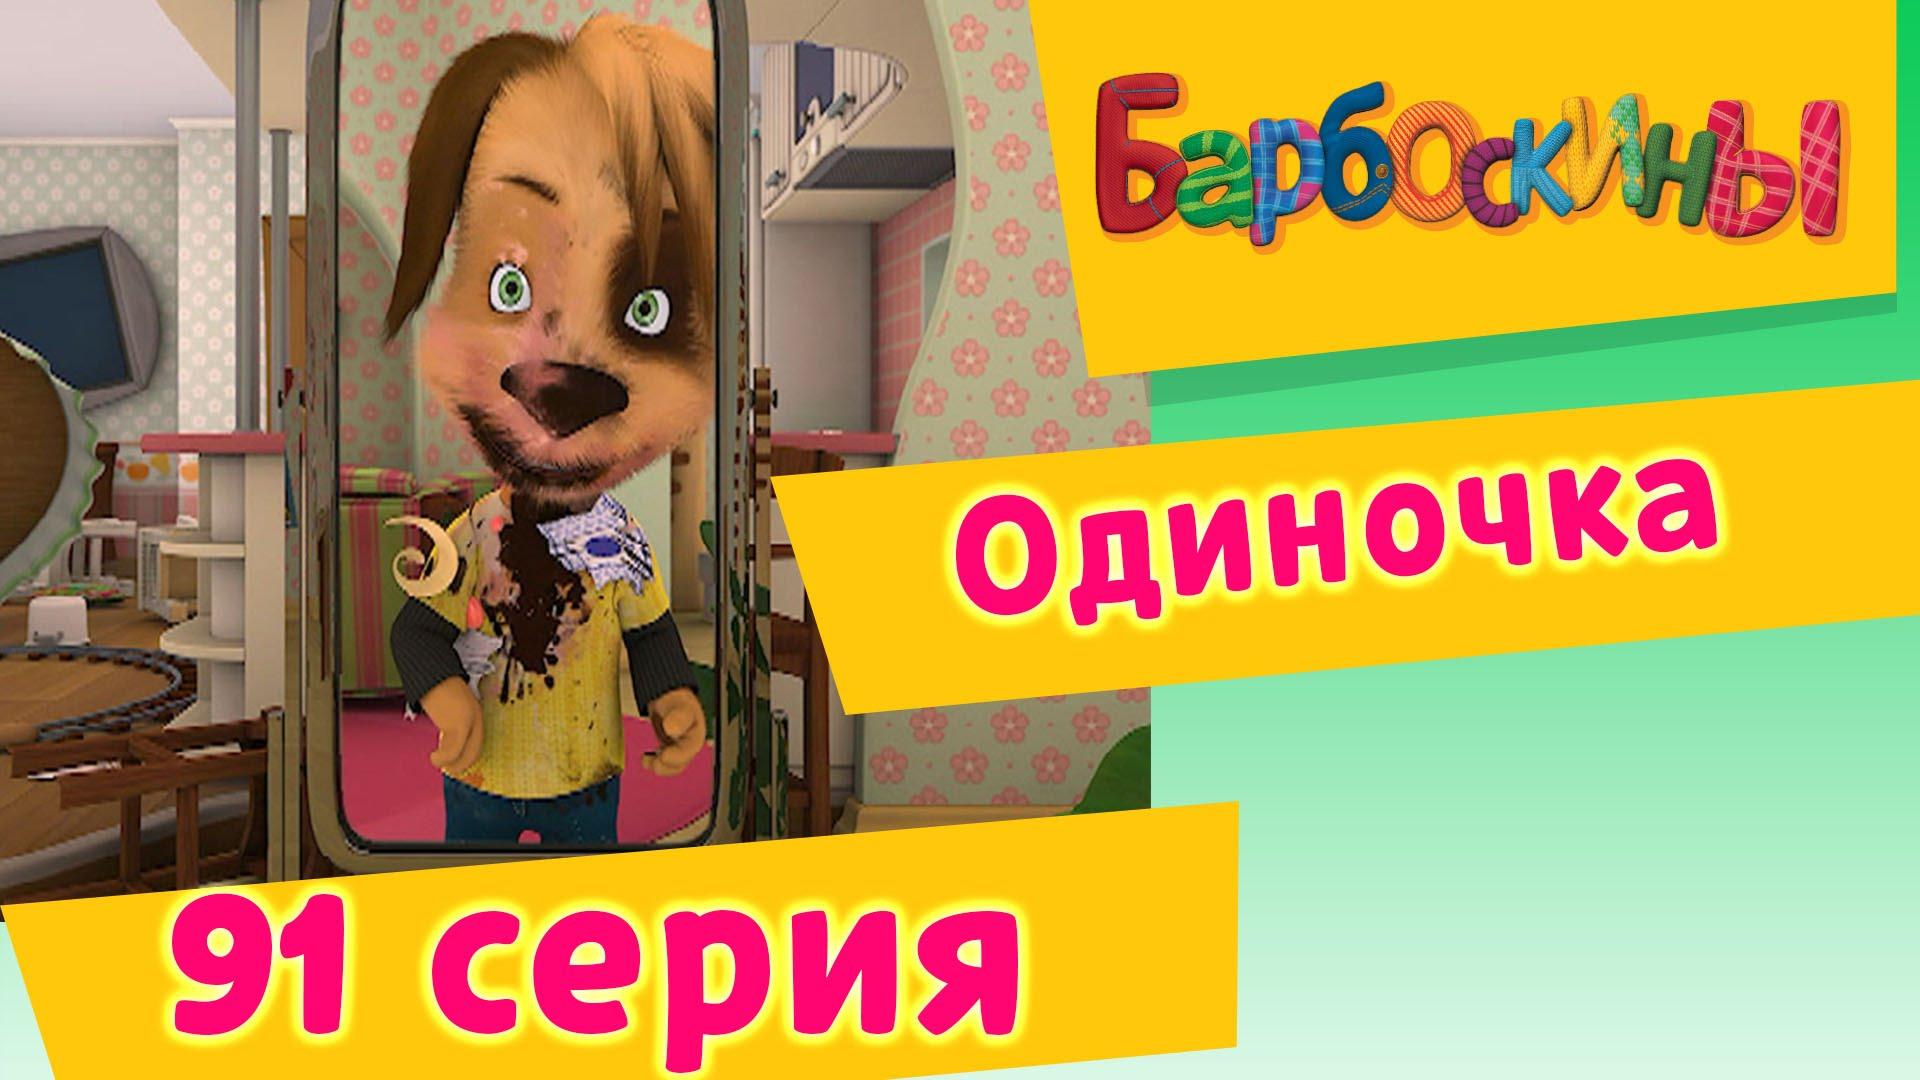 Барбоскины — 91 Серия. Одиночка